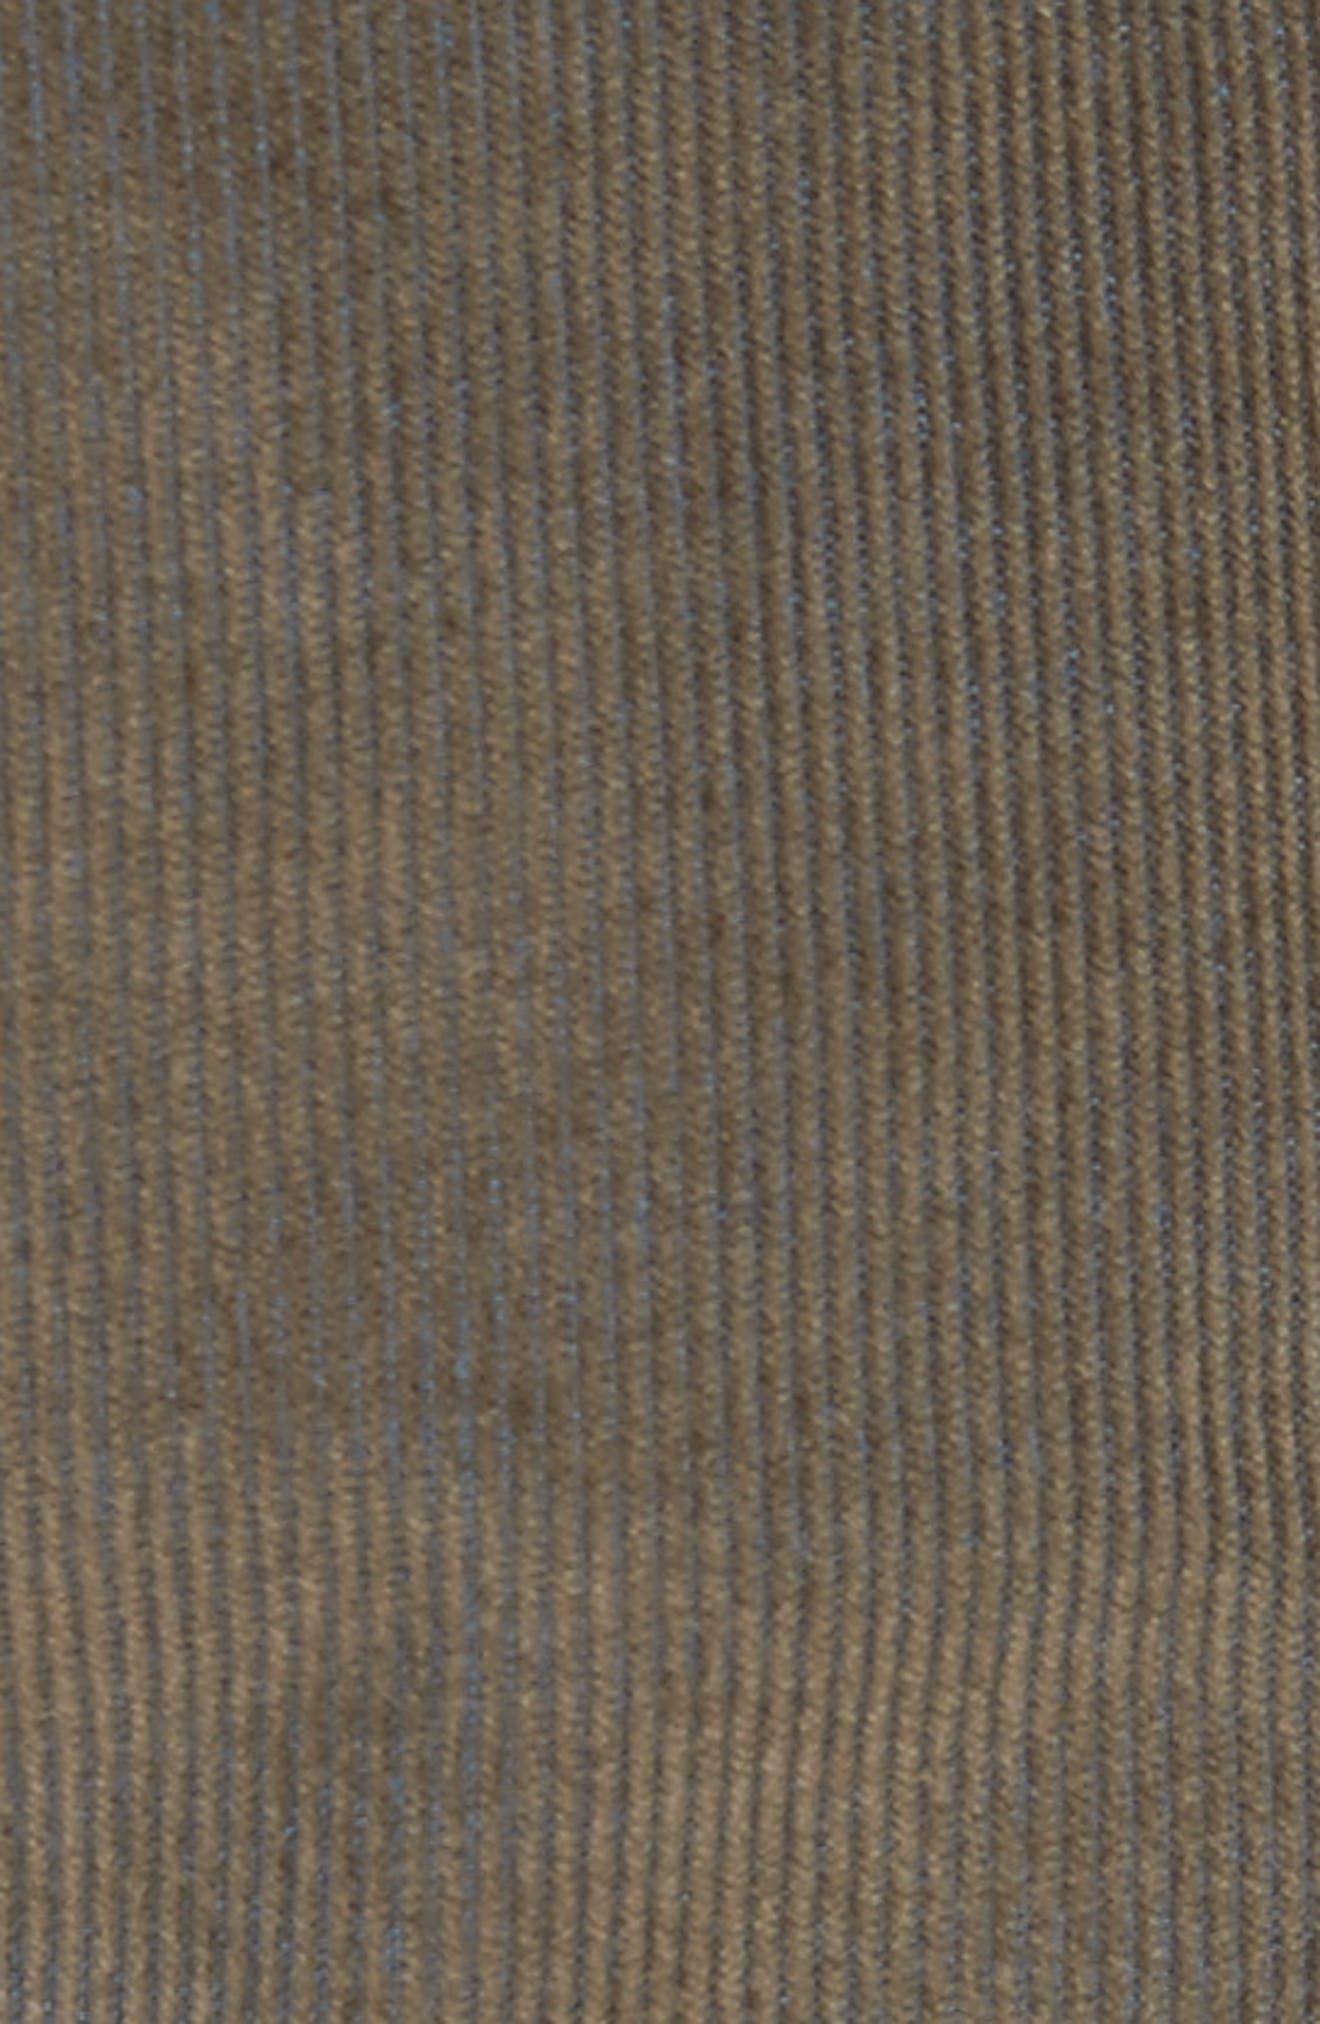 Alternate Image 5  - OUR LEGACY Second Cut Sludge Corduroy Pants